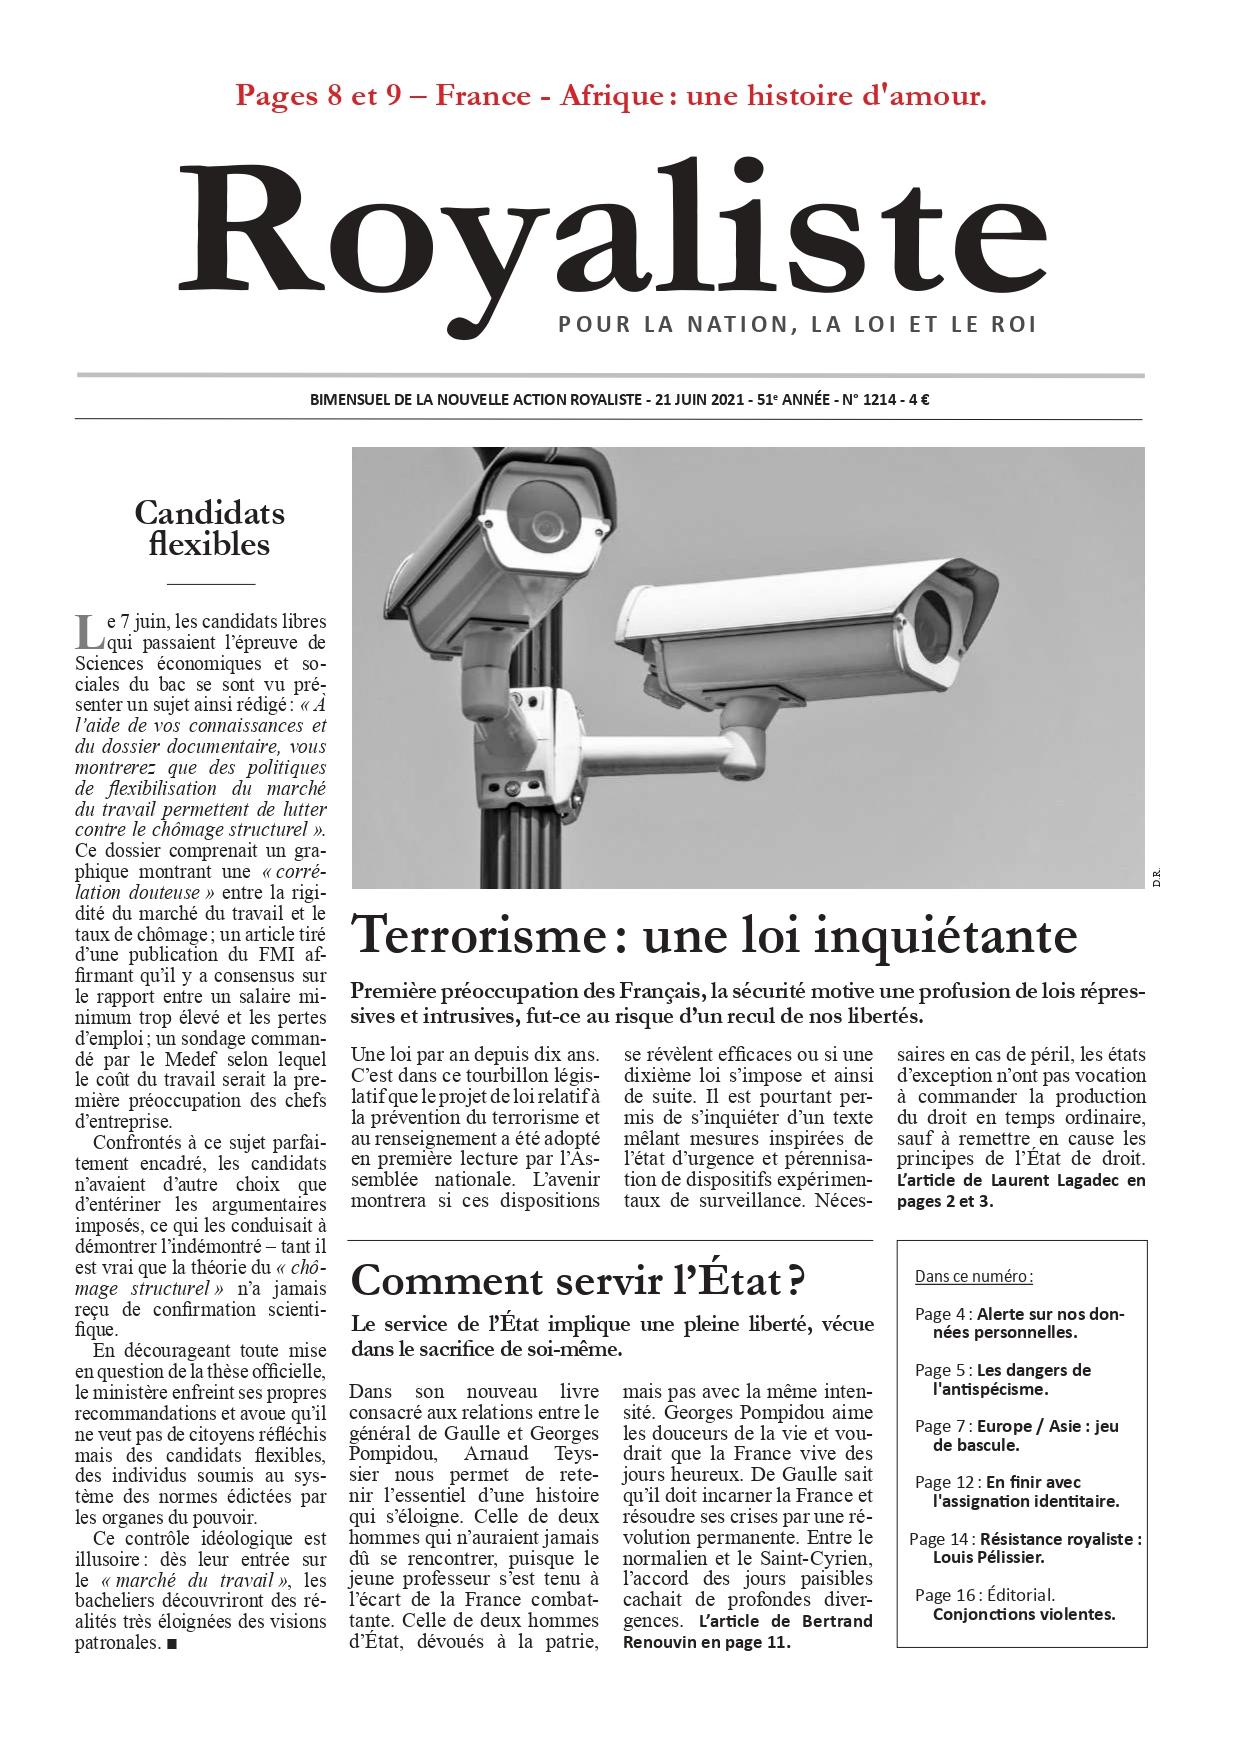 Terrorisme : une loi inquiétante | La Nouvelle Action Royaliste